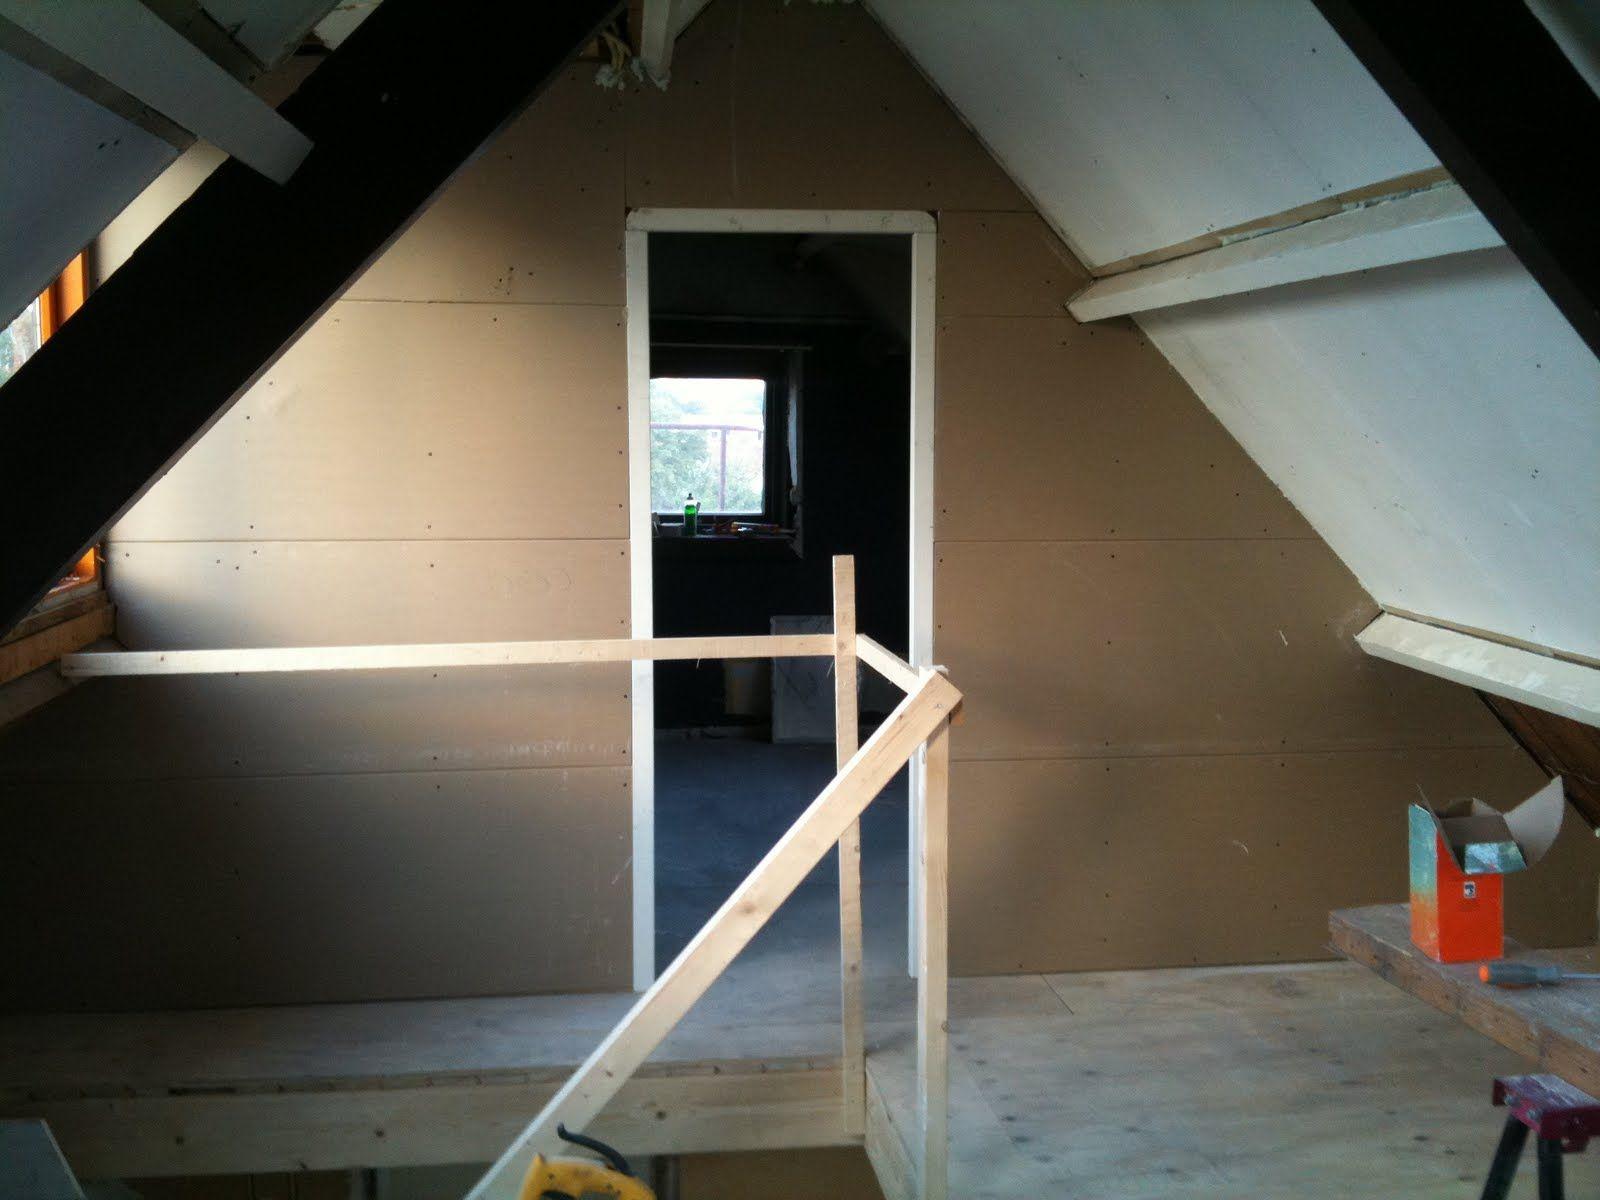 zolder laag plafond  Google zoeken  zolder slaapkamer